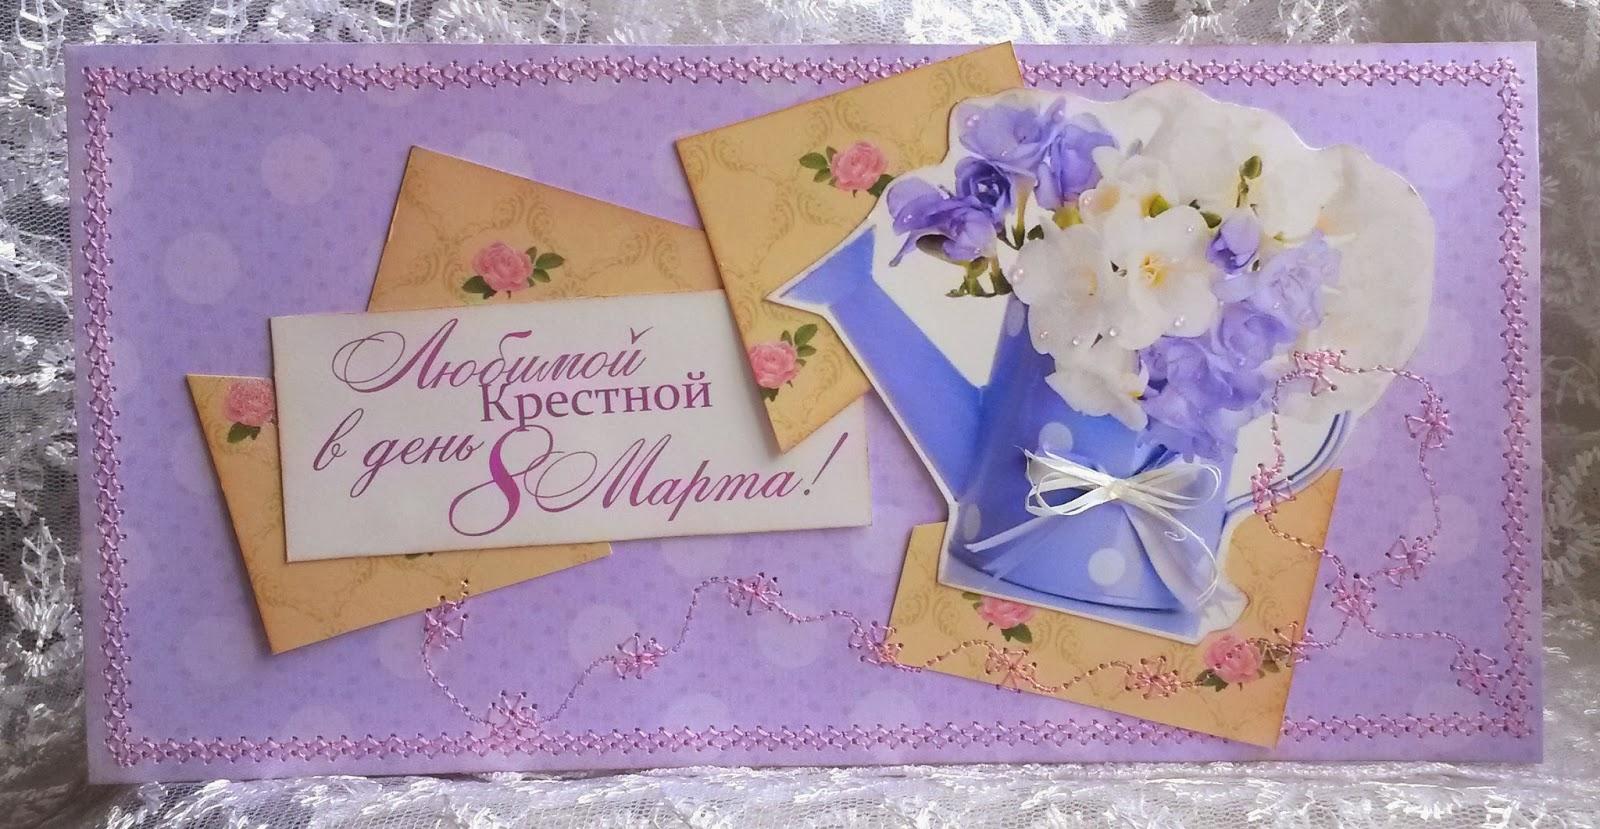 Поздравления с днем рождения крестному от крестницы